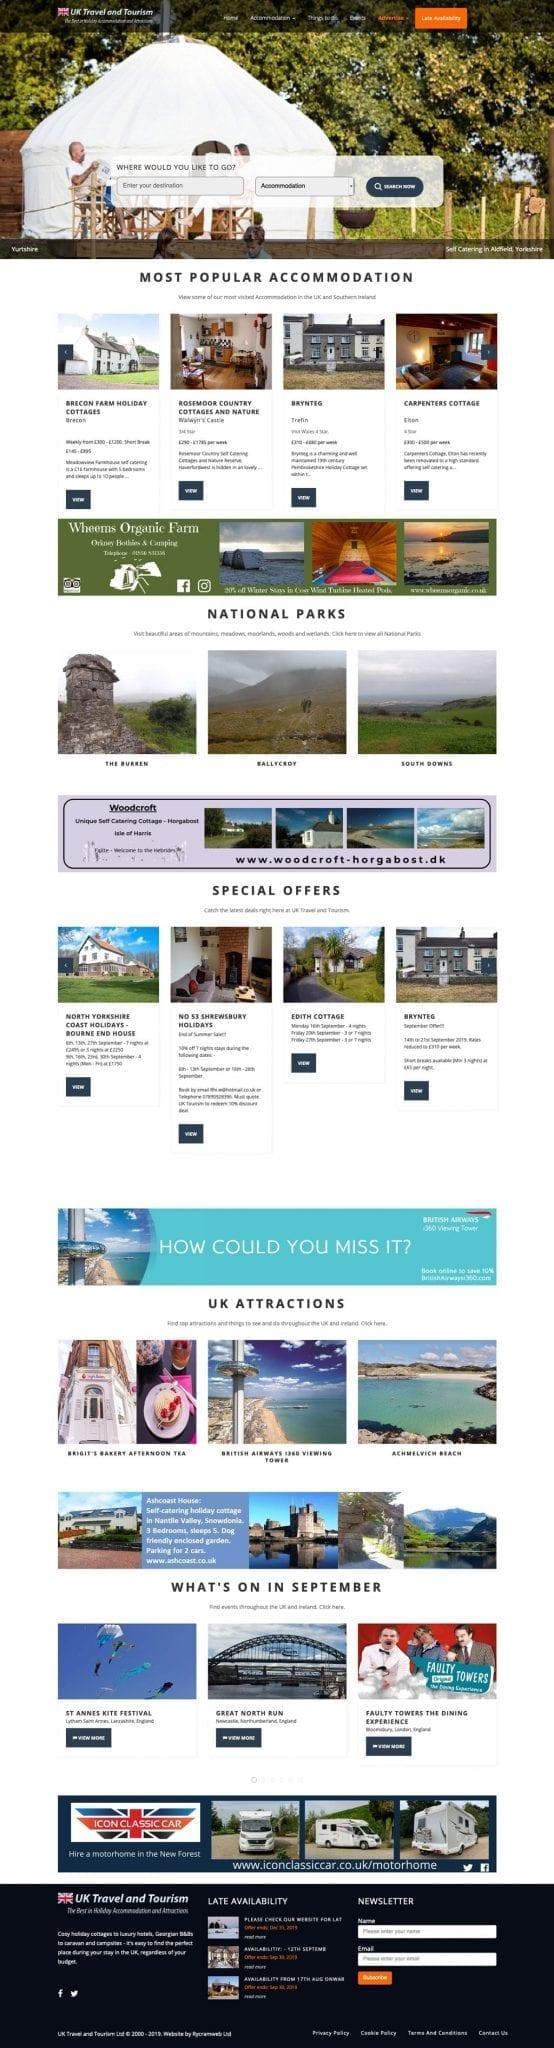 UK Travel and Tourism Desktop